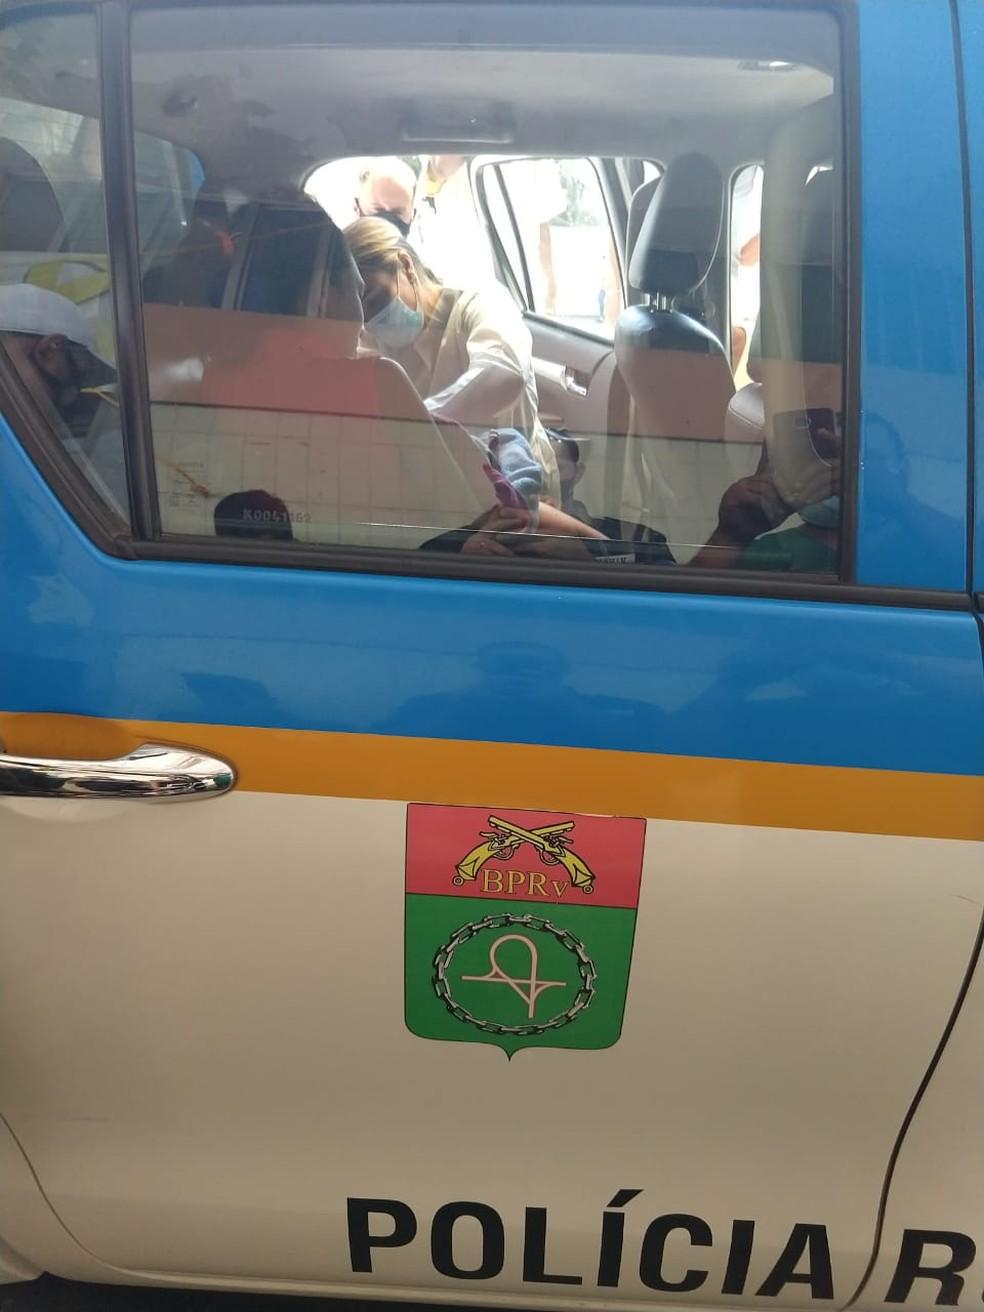 Enfermeira cortou cordão umbilical de bebê dentro de viatura da PM em Campos, no RJ — Foto: Divulgação/PM